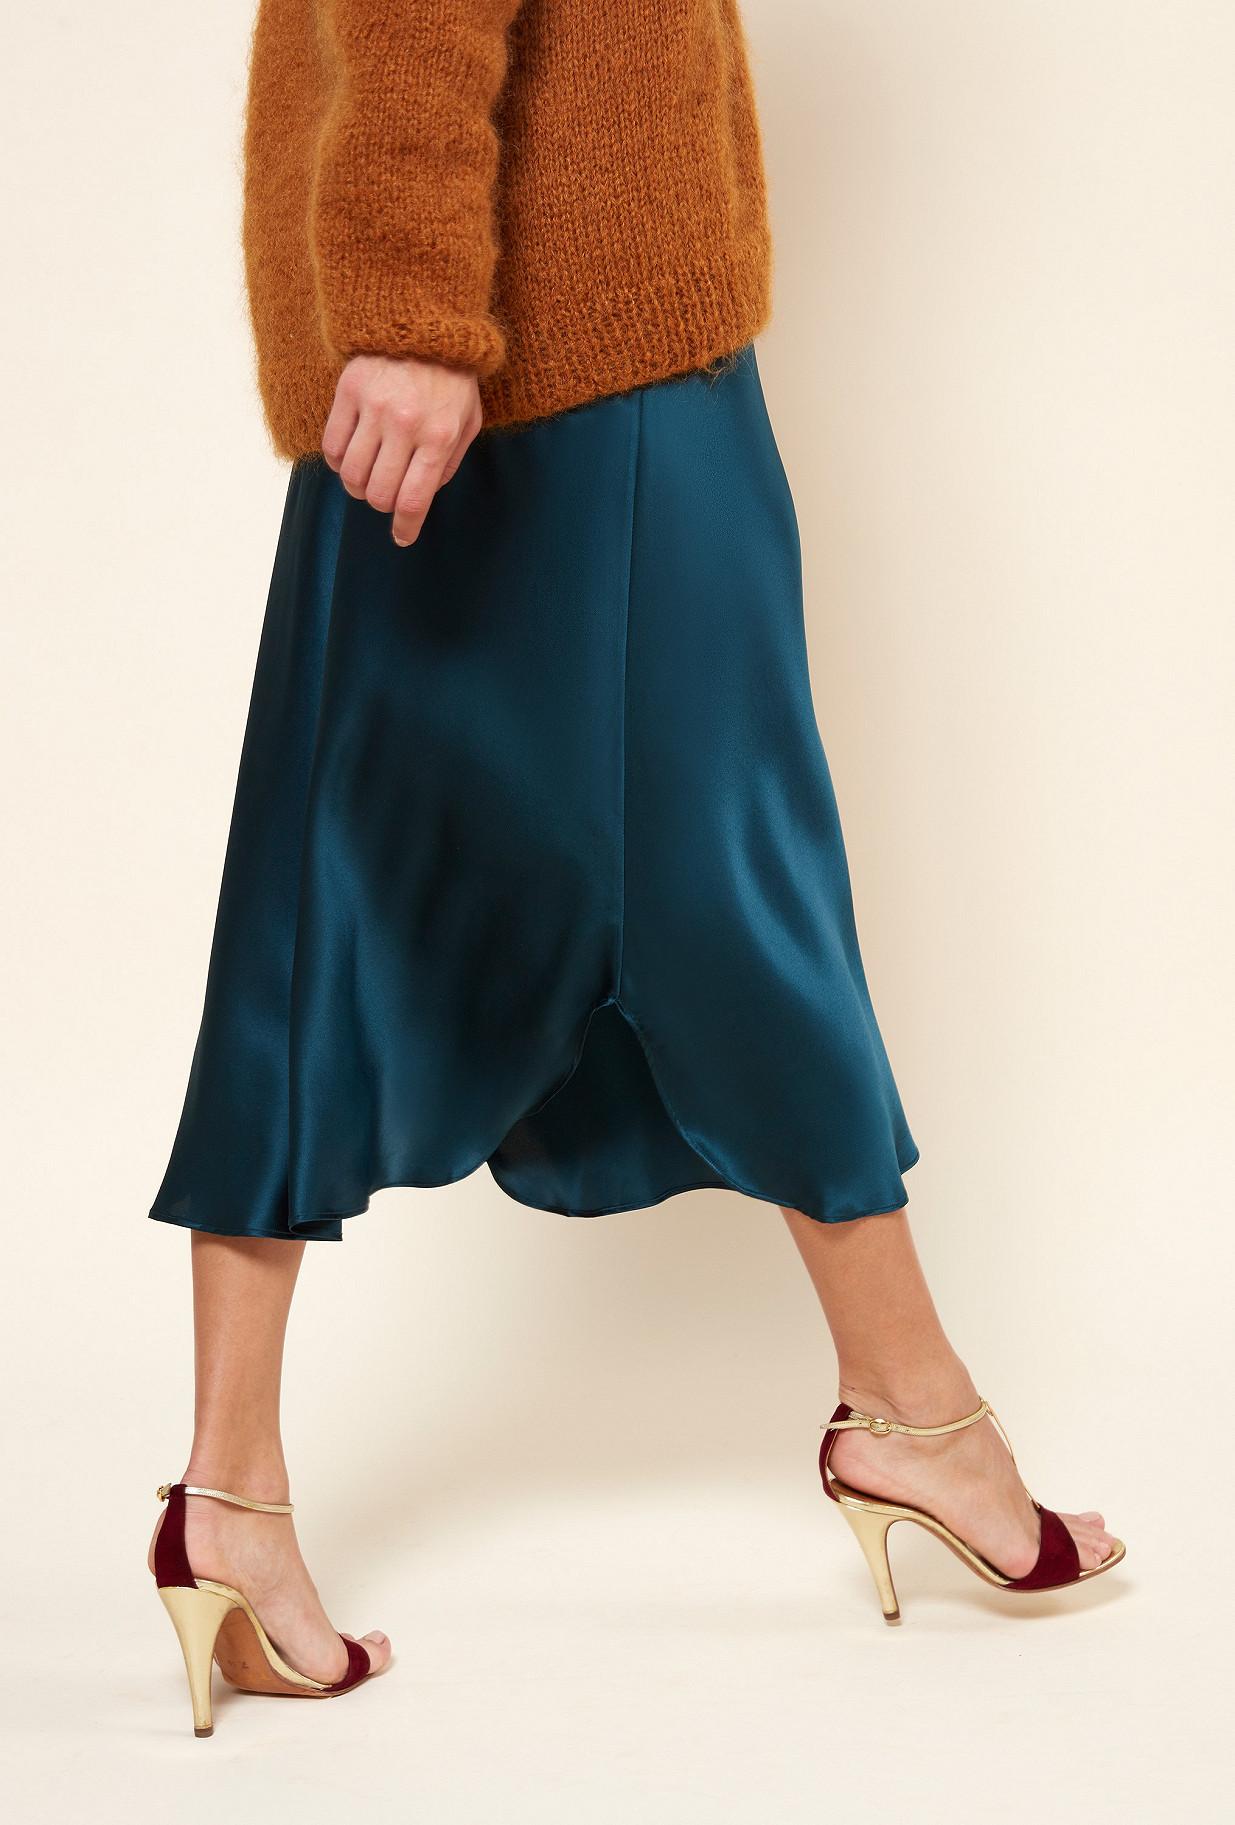 Paris boutique de mode vêtement Jupe créateur bohème  Allegorie